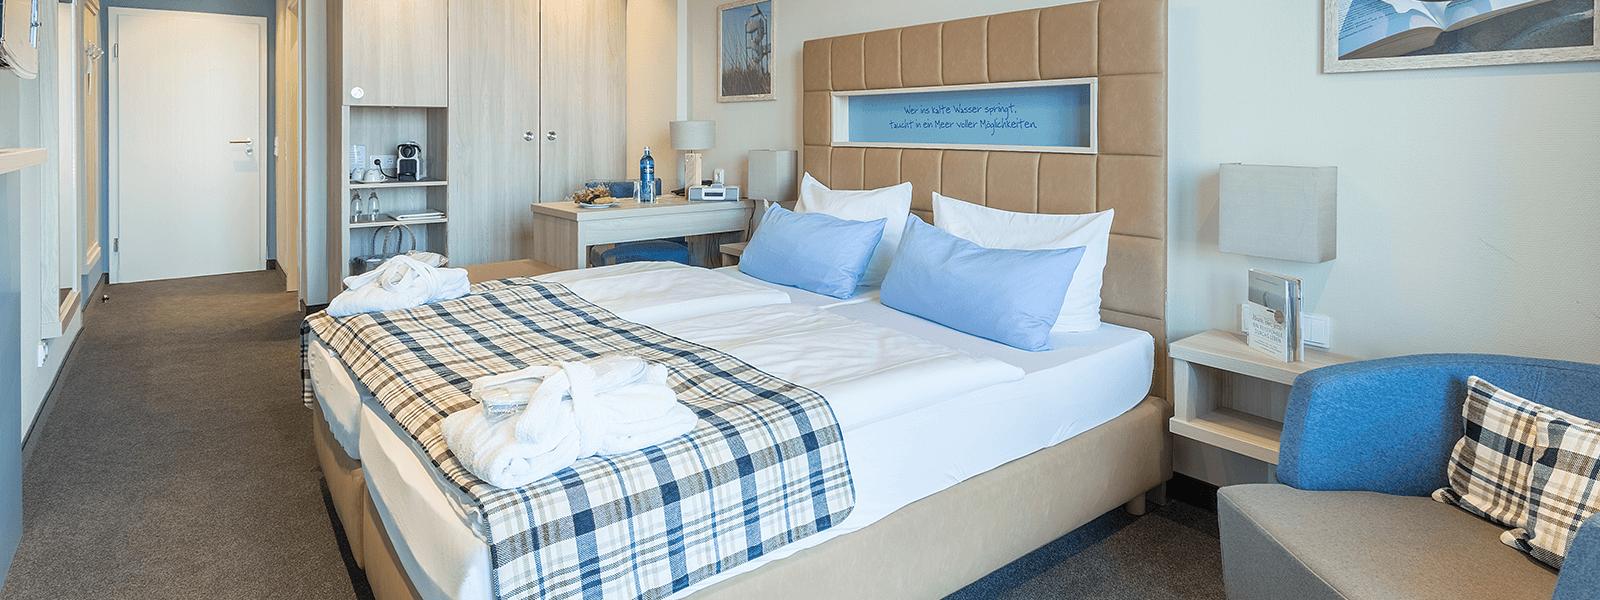 Blick ins Hotelzimmer mit Doppelbett und Sitzgelegenheit